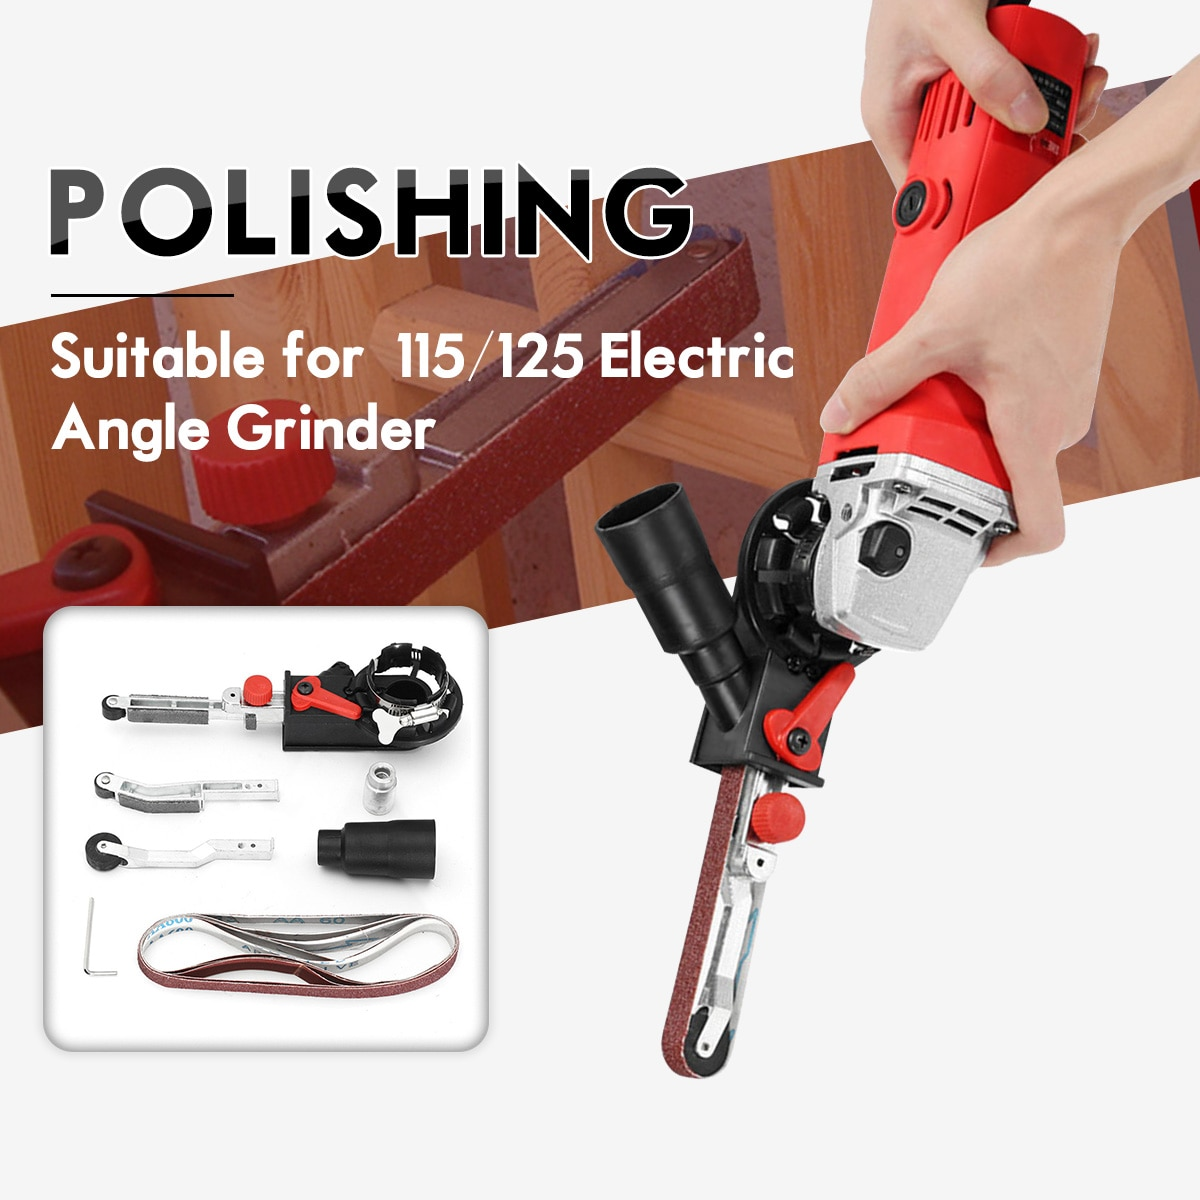 Gürtel Sander Gürtel Grinder Adapter Für 115/125 Elektrische Winkel Grinder mit M14 Gewinde Spindel Für holzbearbeitung Metallbearbeitung